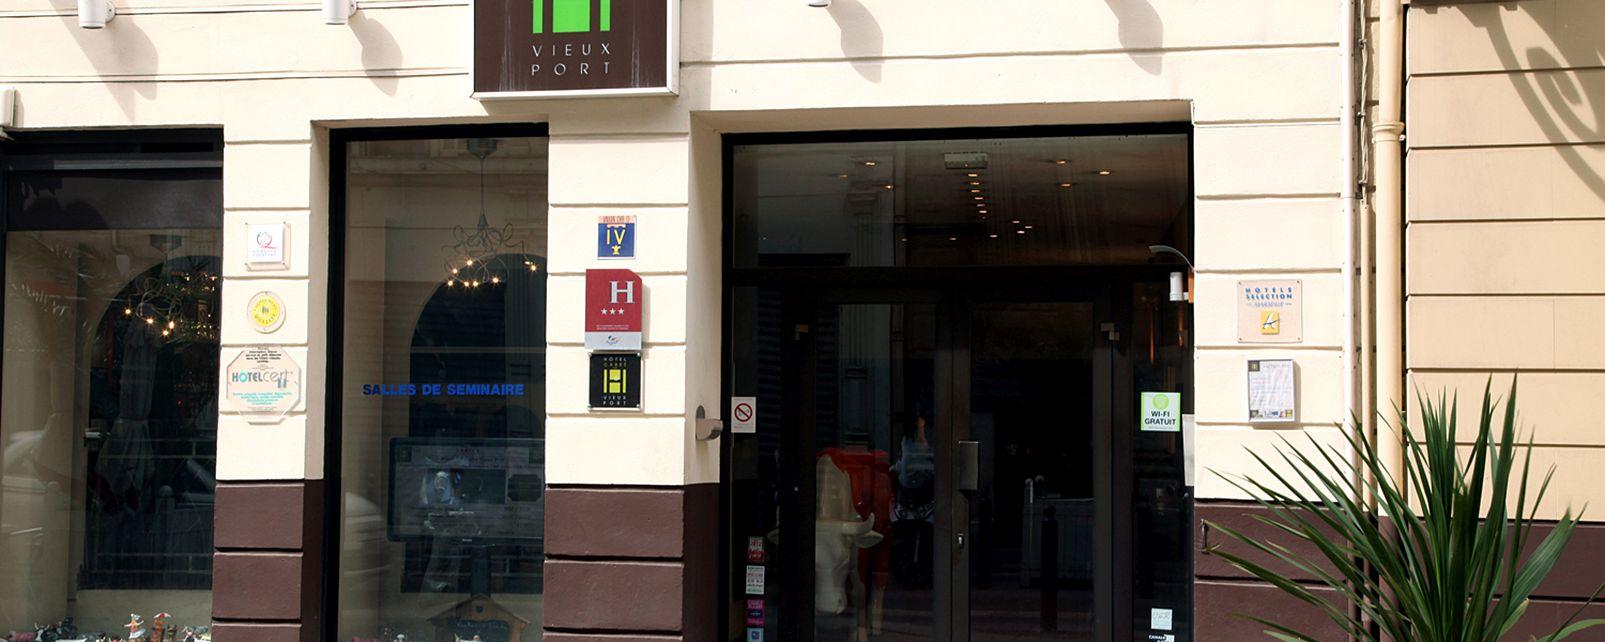 Hôtel Hôtel Carre Vieux Port Marseille